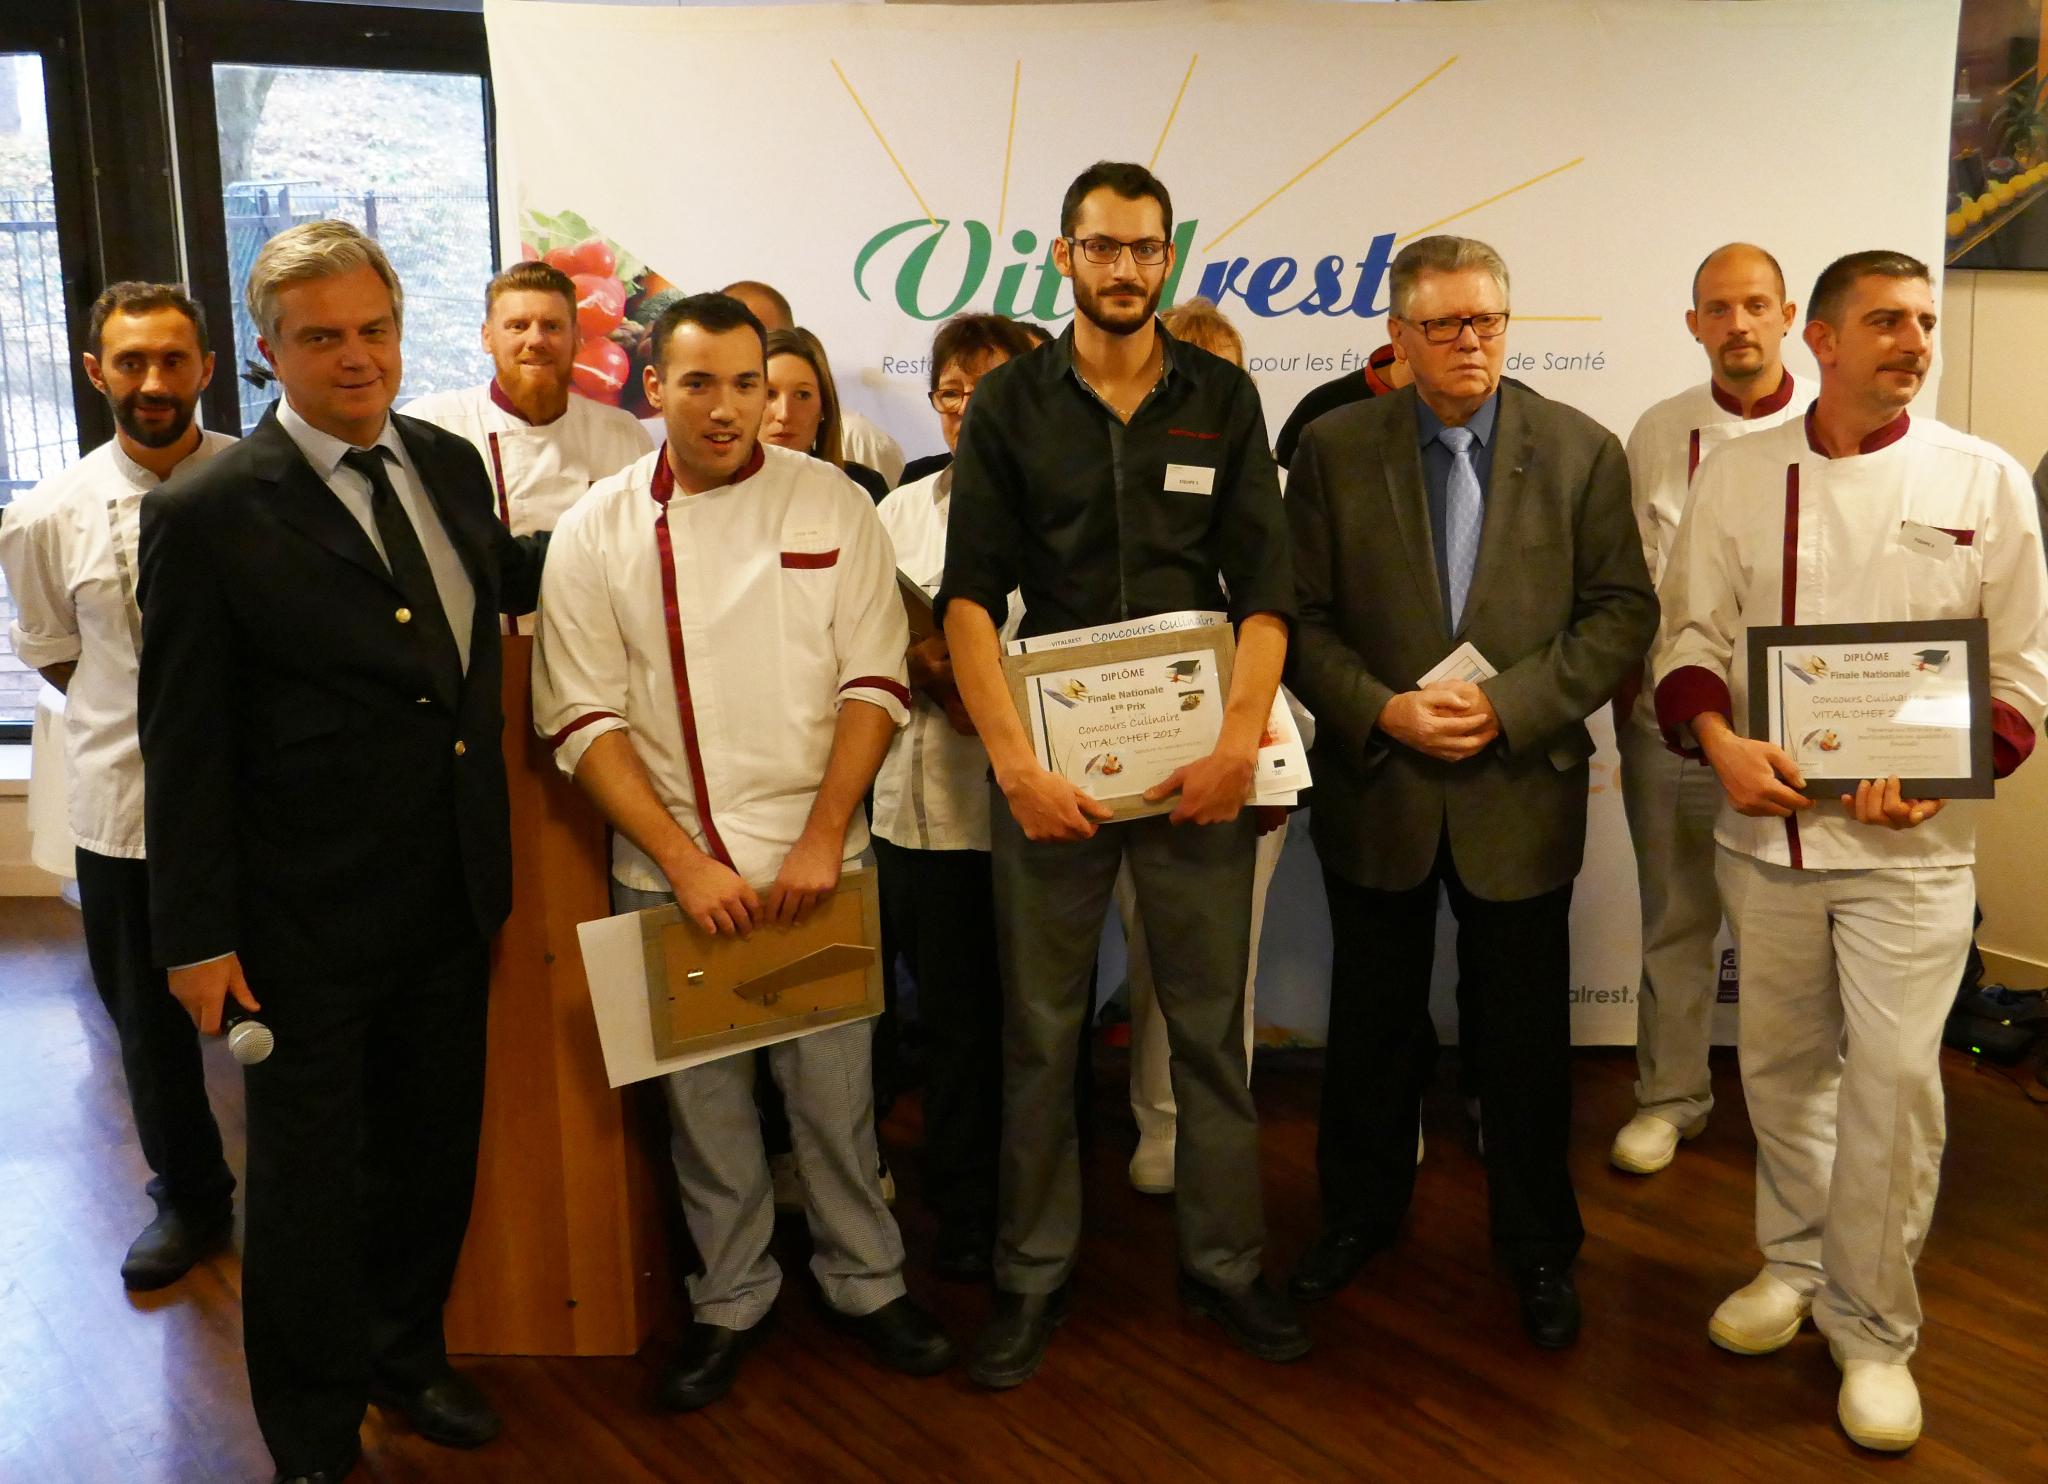 Photo des gagnants du concours en compagnie de M. Poulenc et des autres participants